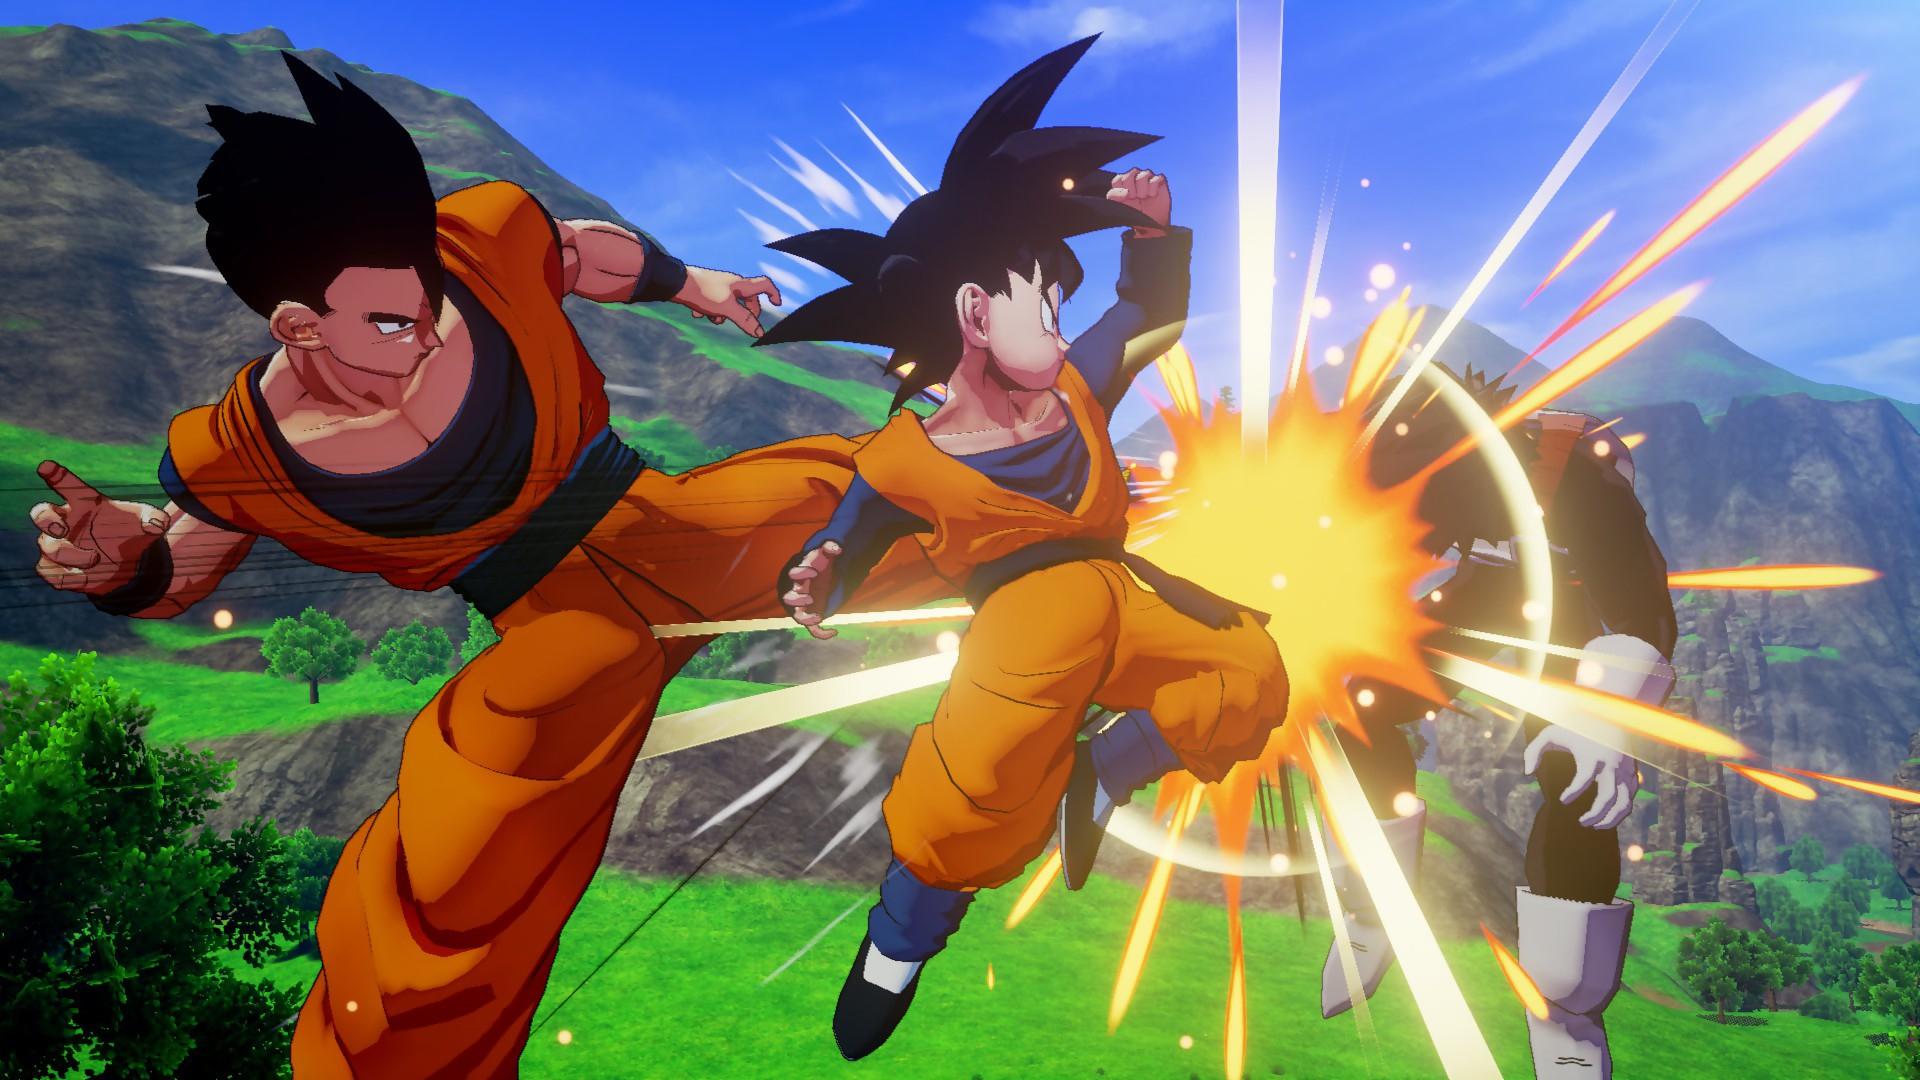 Dragon Ball Z Kakarot : Des Nouvelles Images Qui Cognent Sévère tout Dessin Animé De Dragon Ball Z